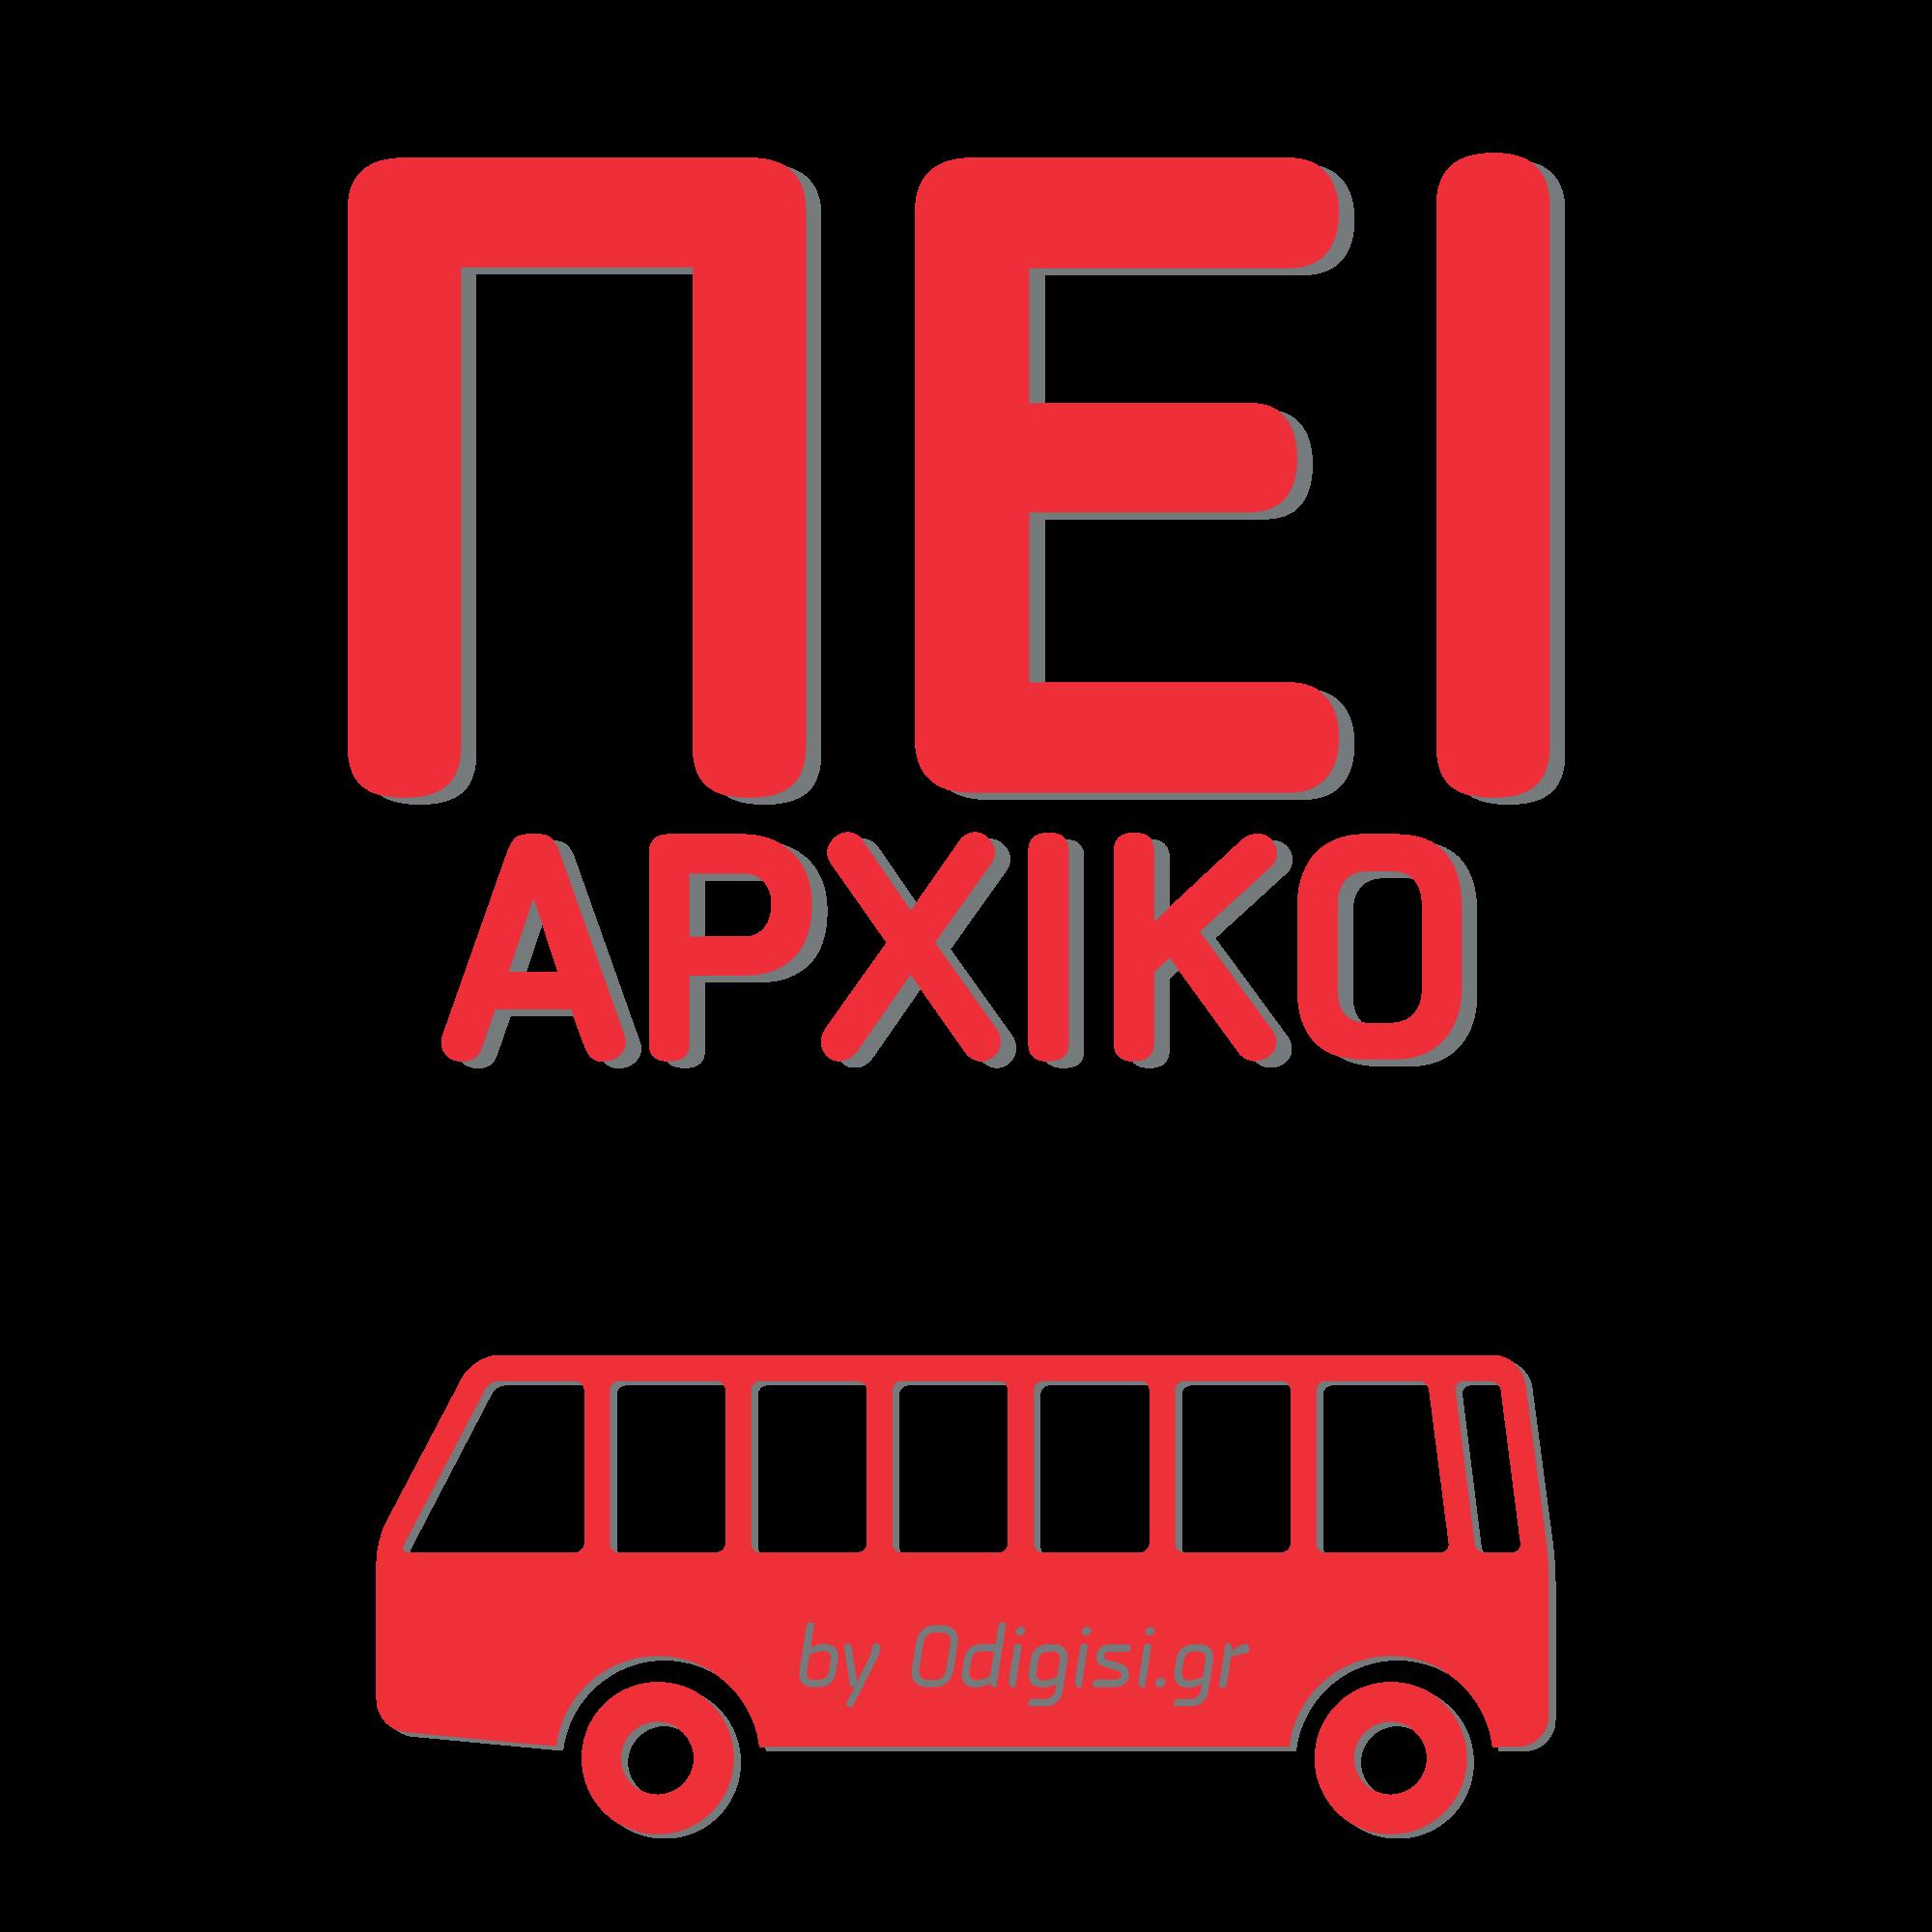 Αρχικό ΠΕΙ Επιβατών (Λεωφορείου)